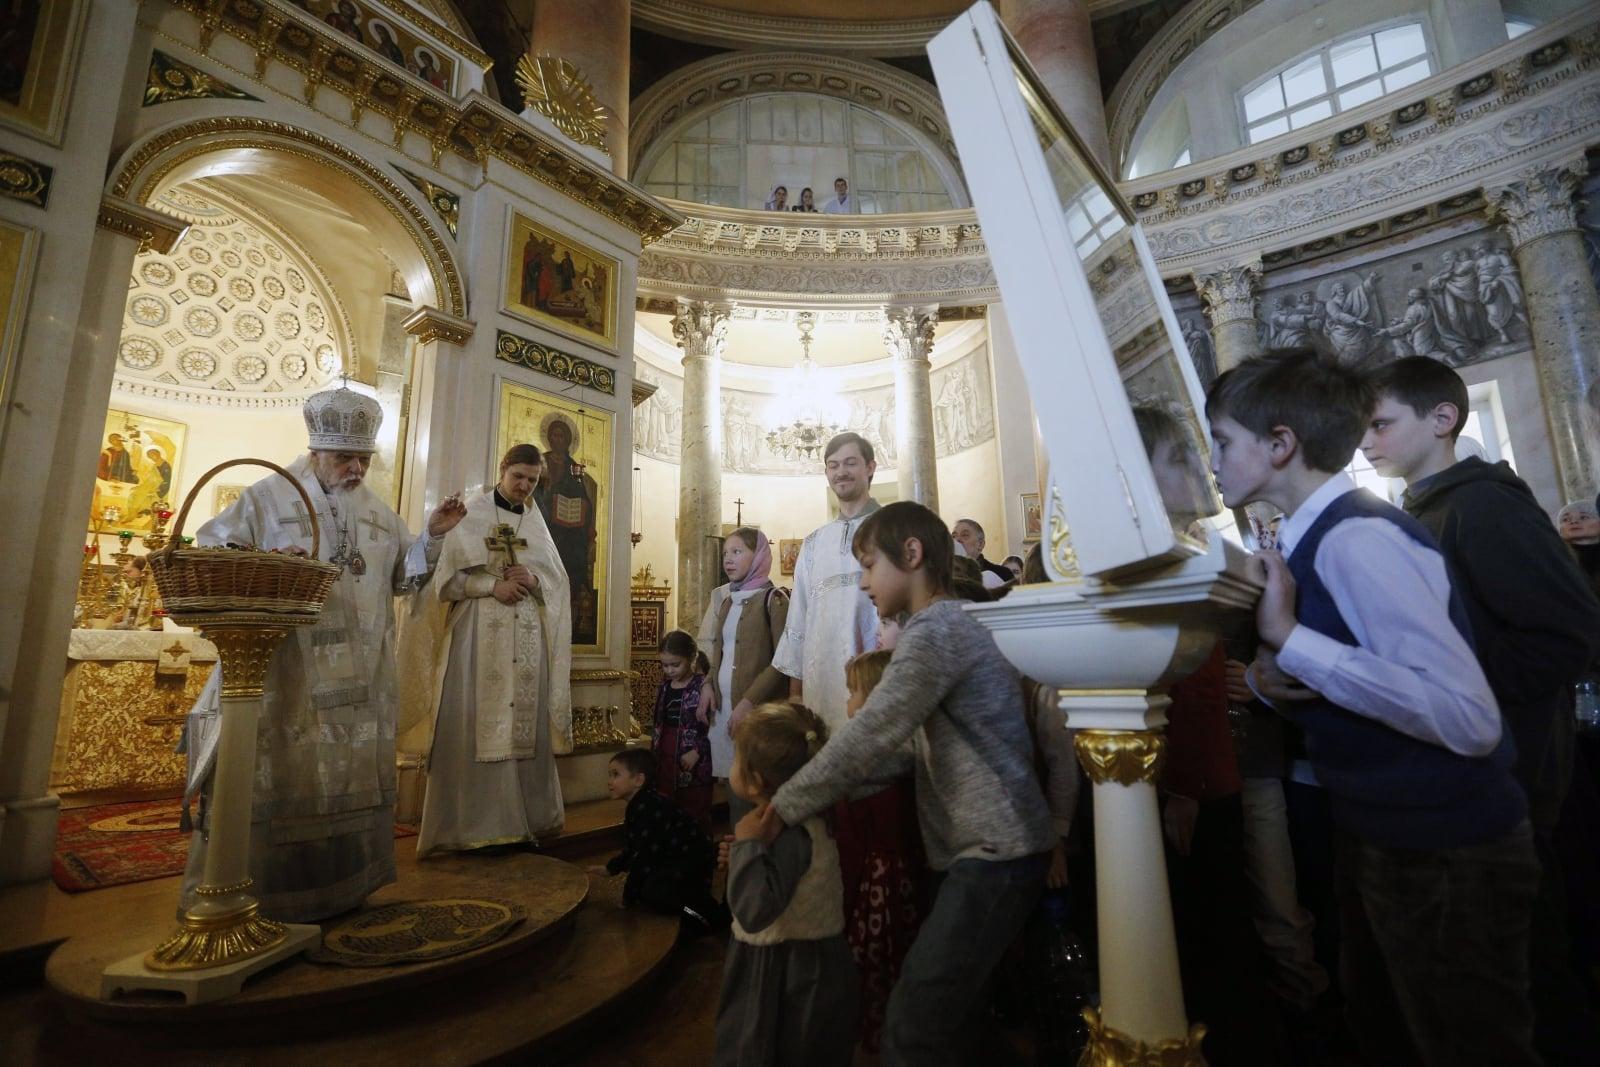 Rosja, prawosławie, Święto Epifanii EPA/SERGEI CHIRIKOV